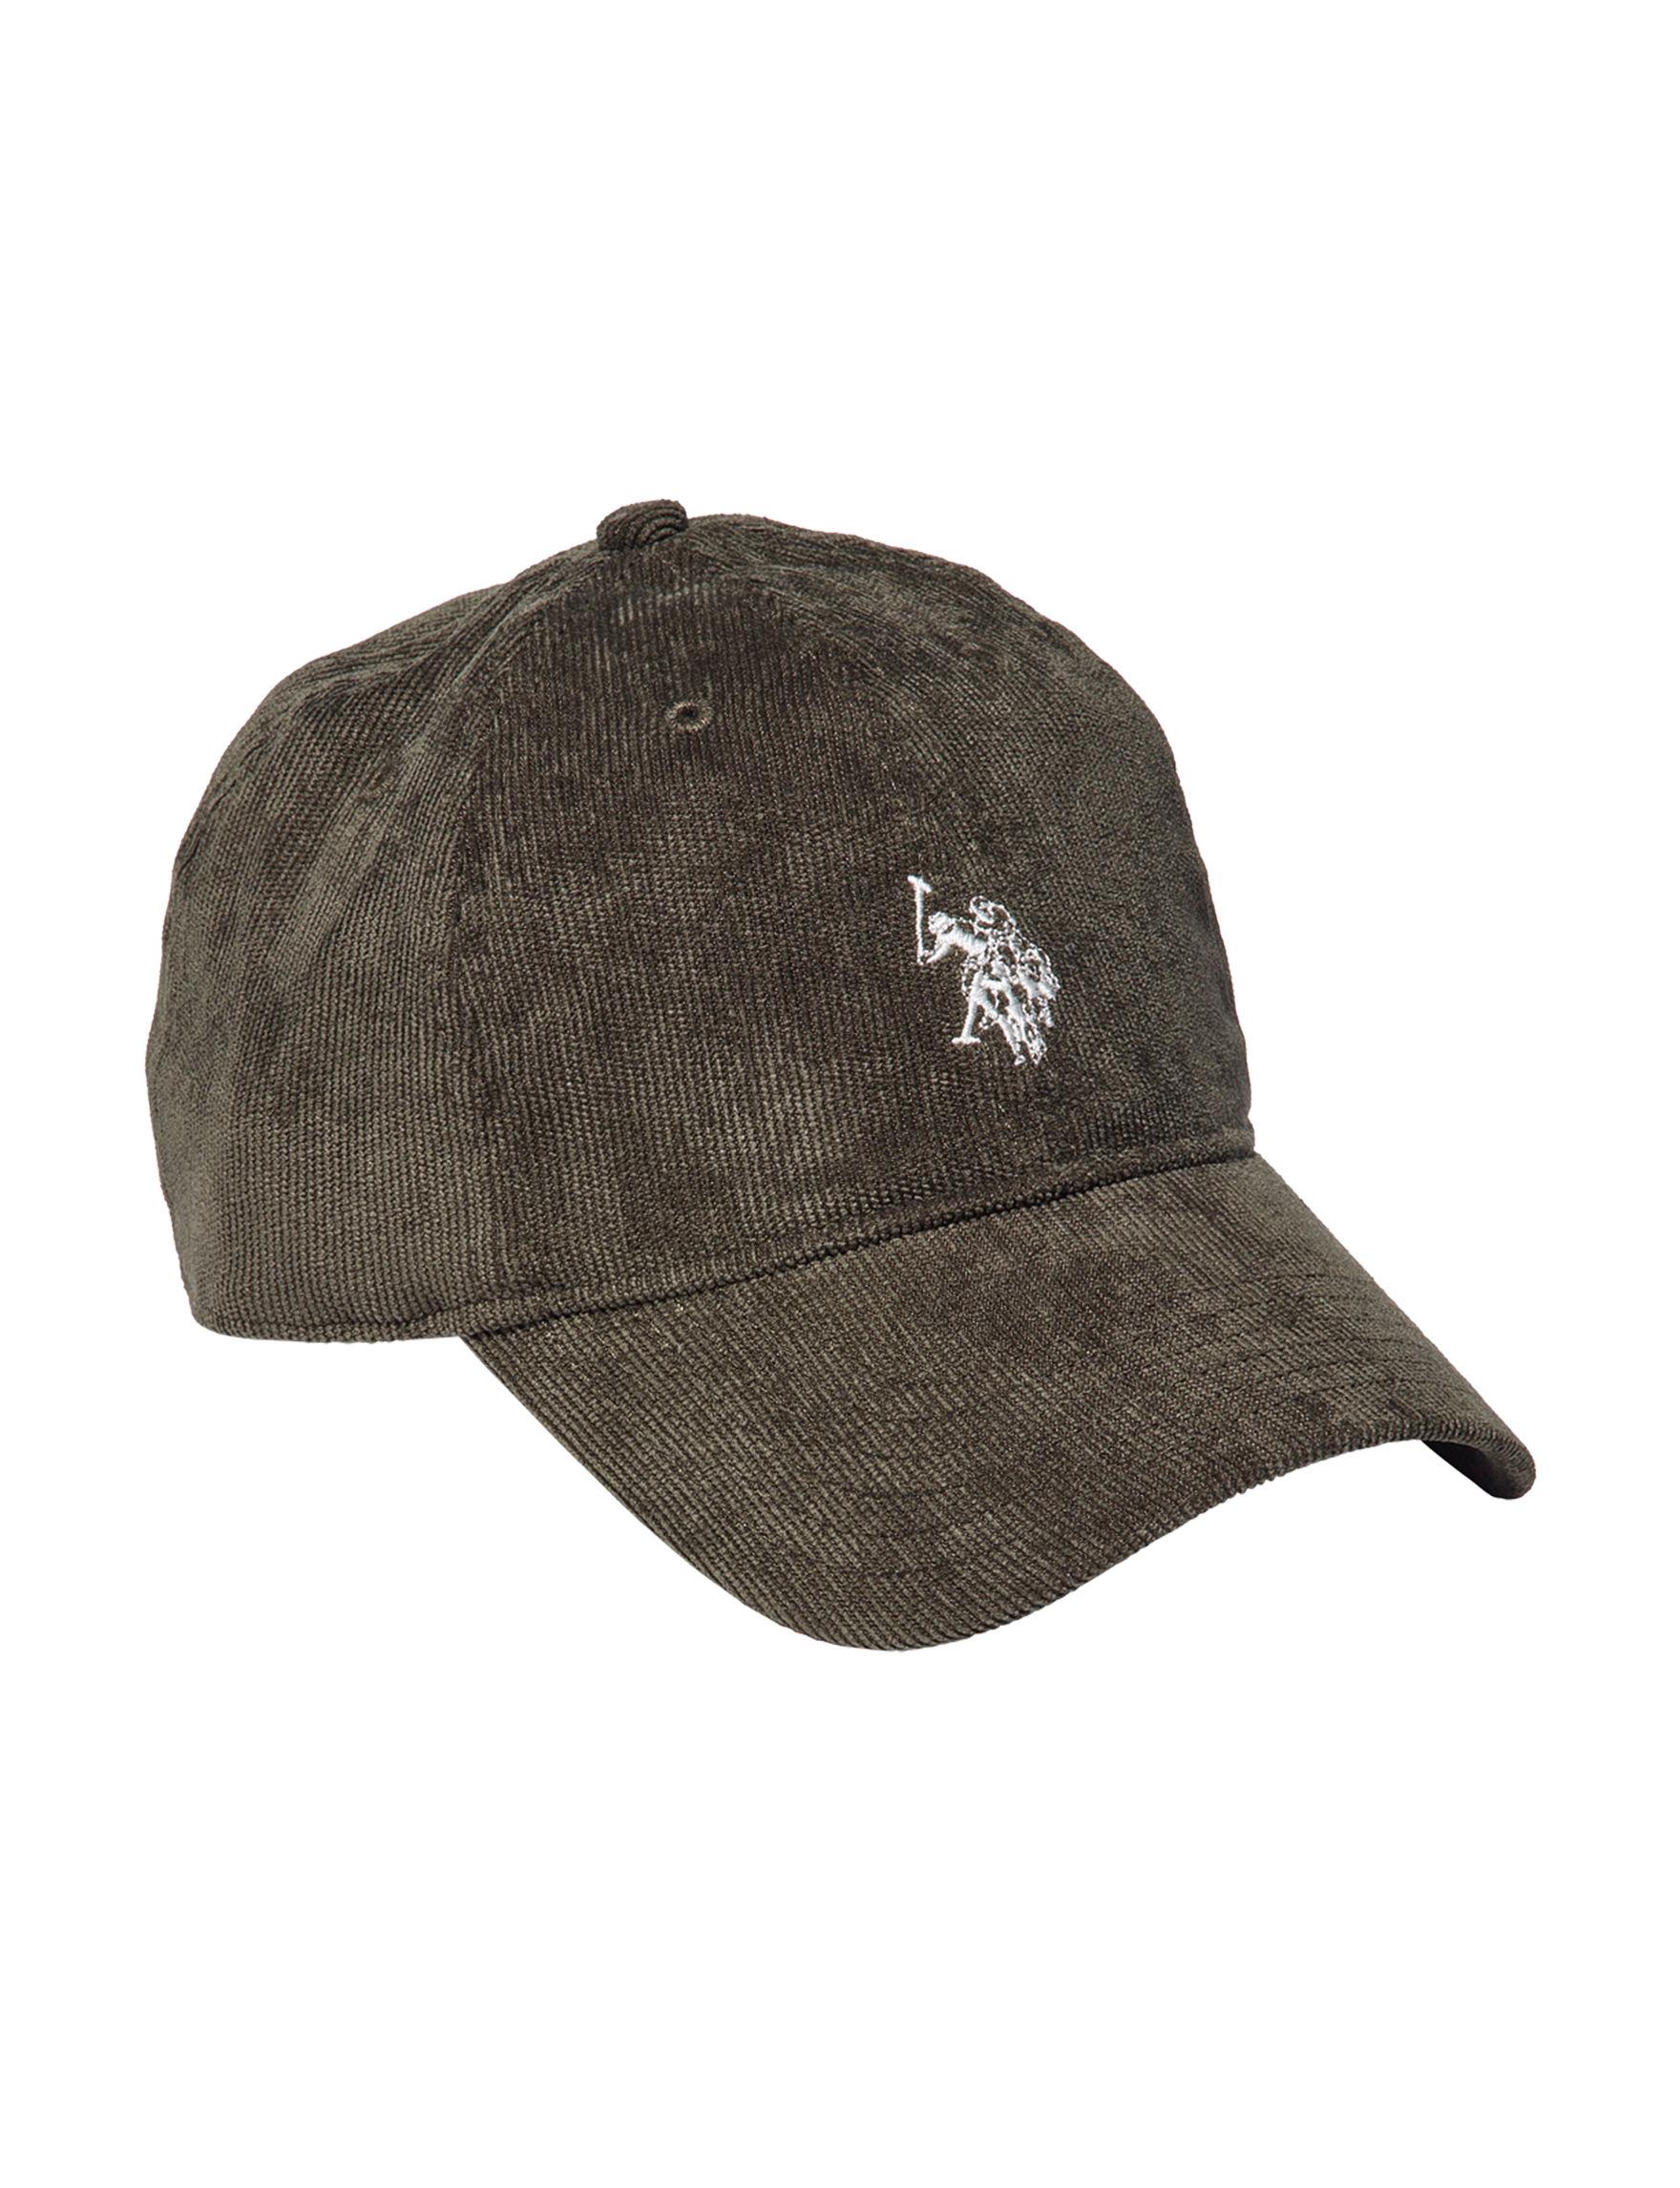 U.S. Polo Assn. Olive Hats & Headwear